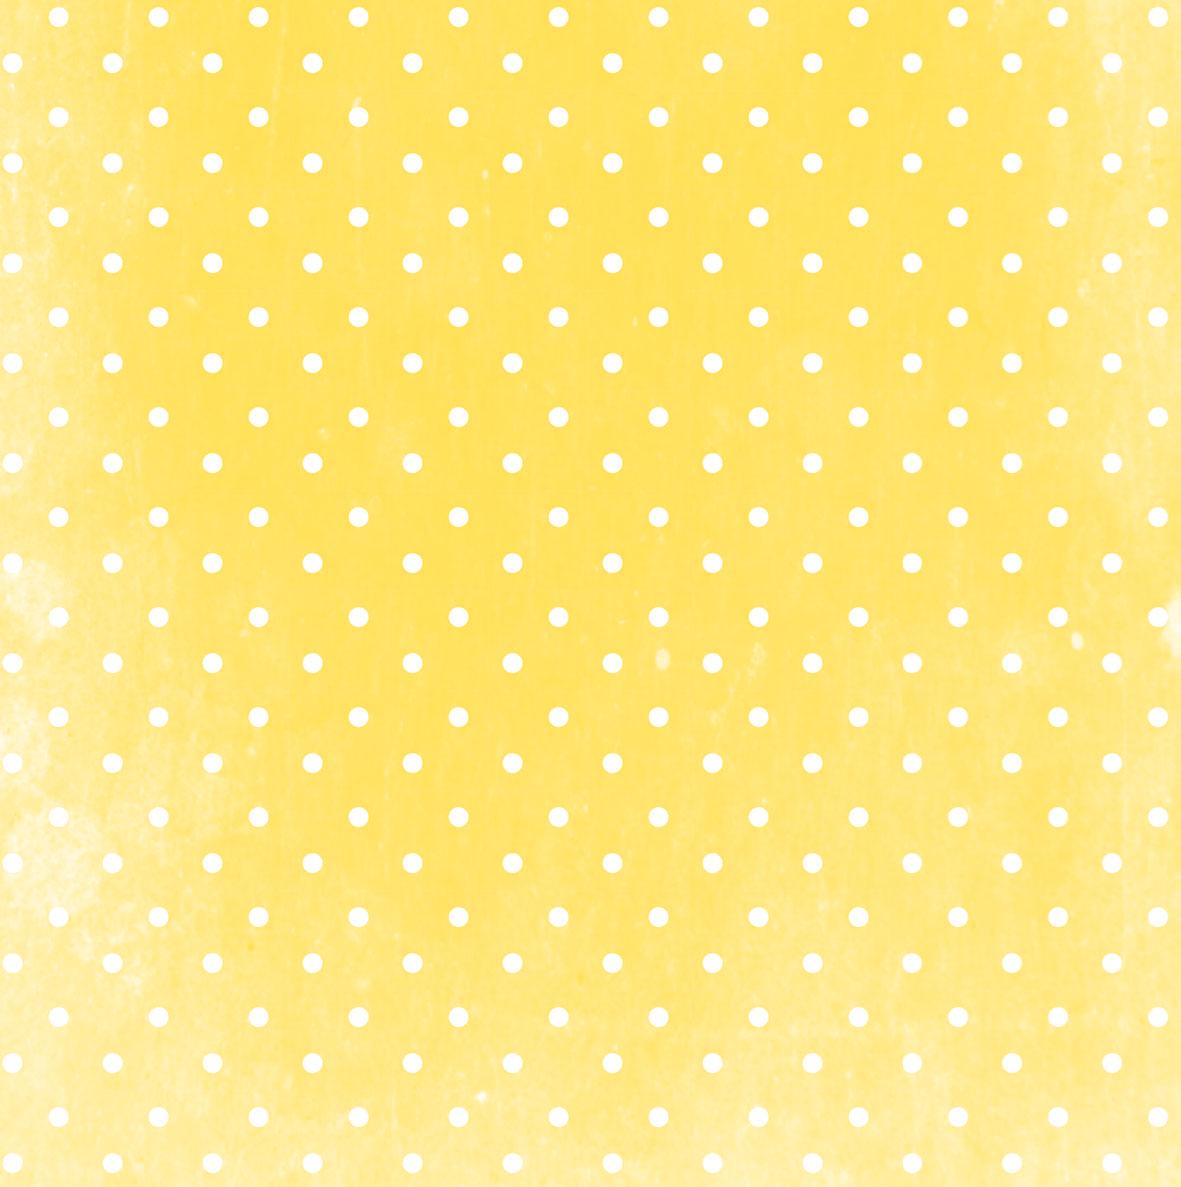 Free Digital Polka Dot Scrapbooking Paper In Vintage